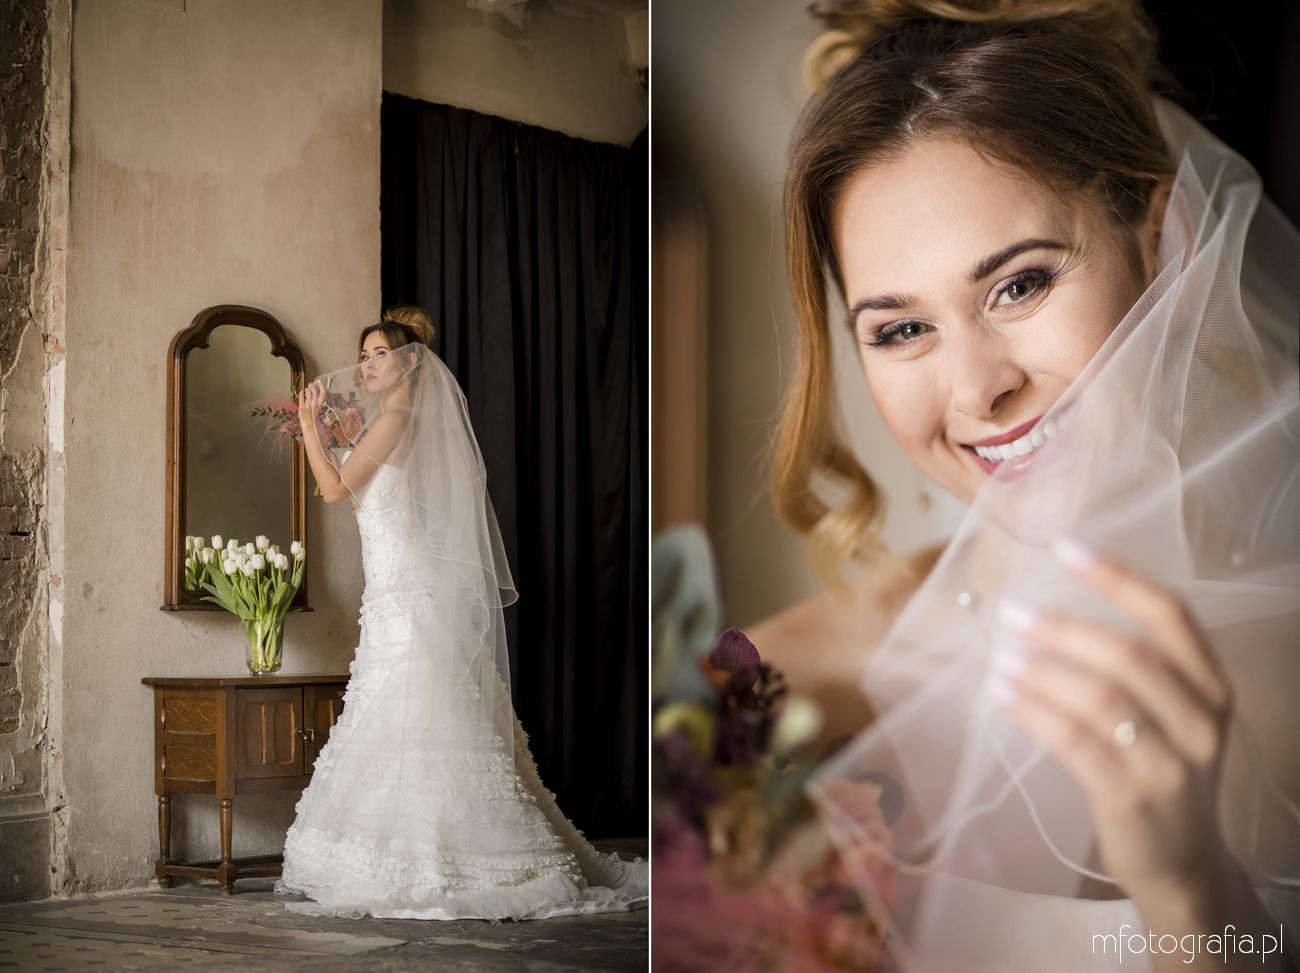 Uśmiech Panny Młodej na portrecie